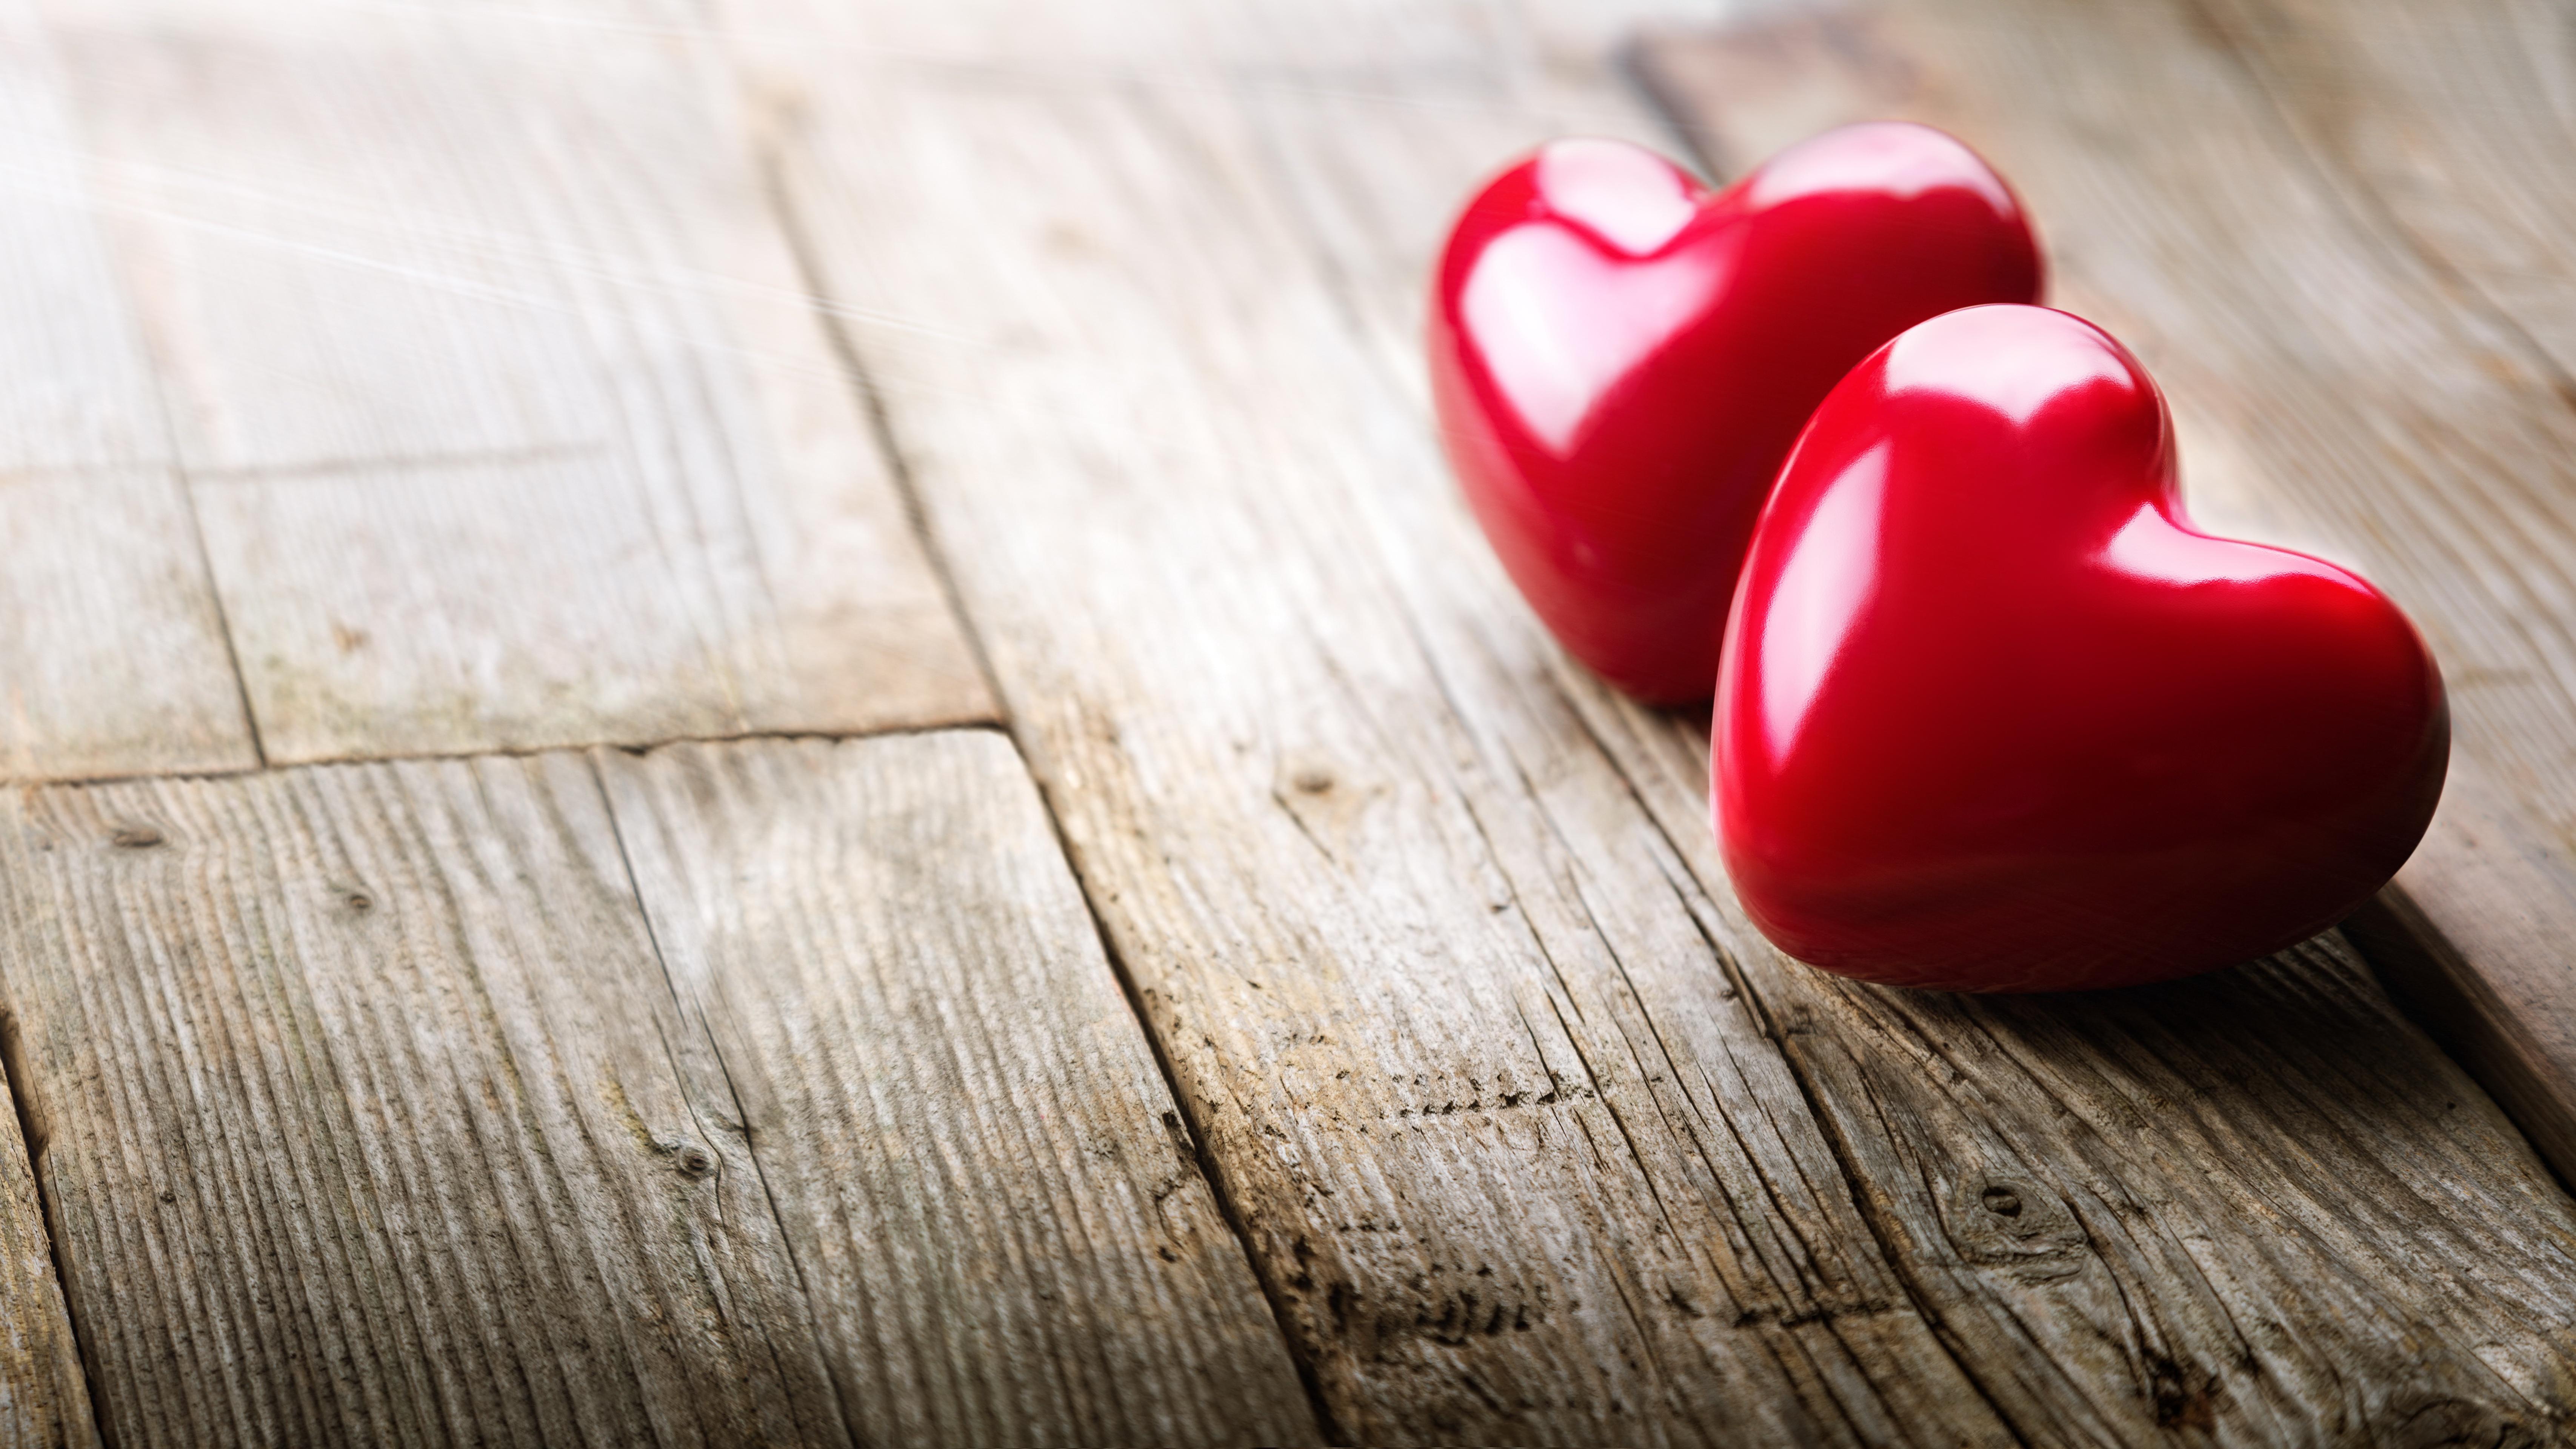 Обои На Стол Любовь